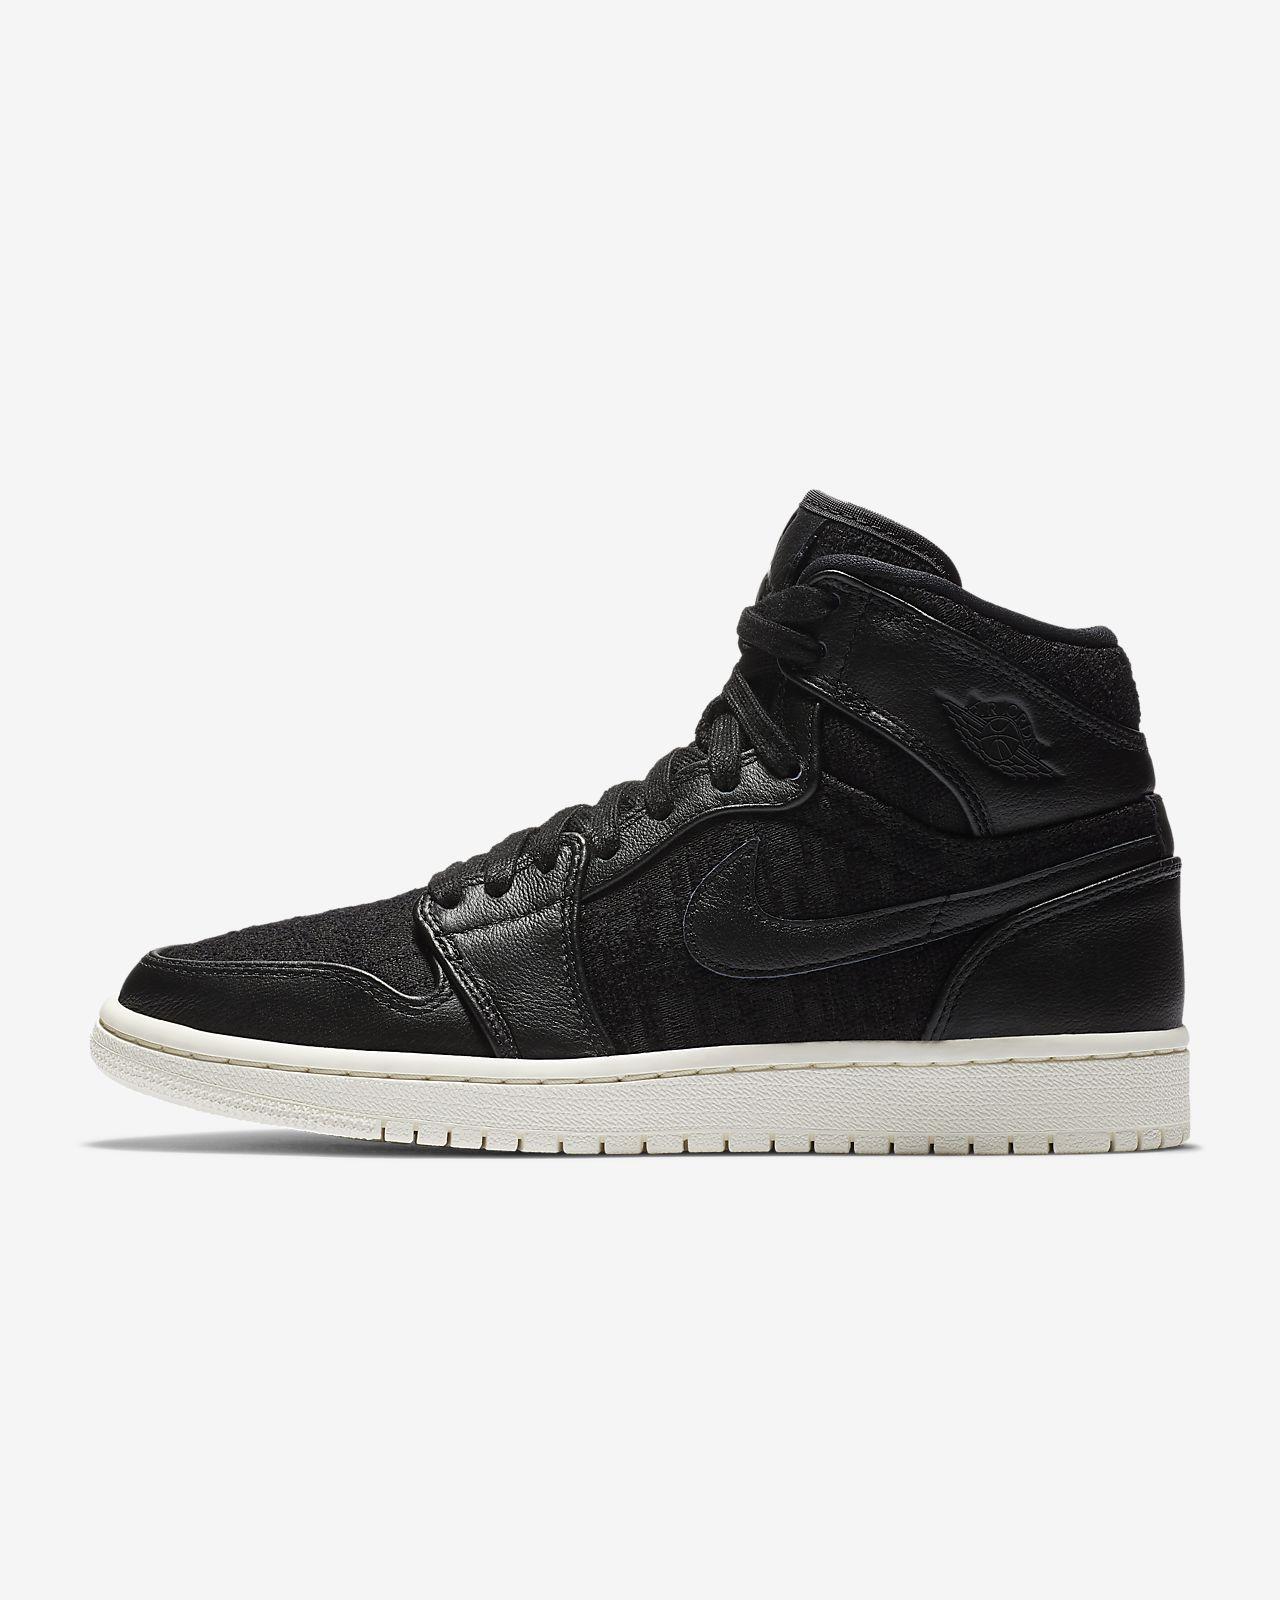 Nike Jordan 1 mujer